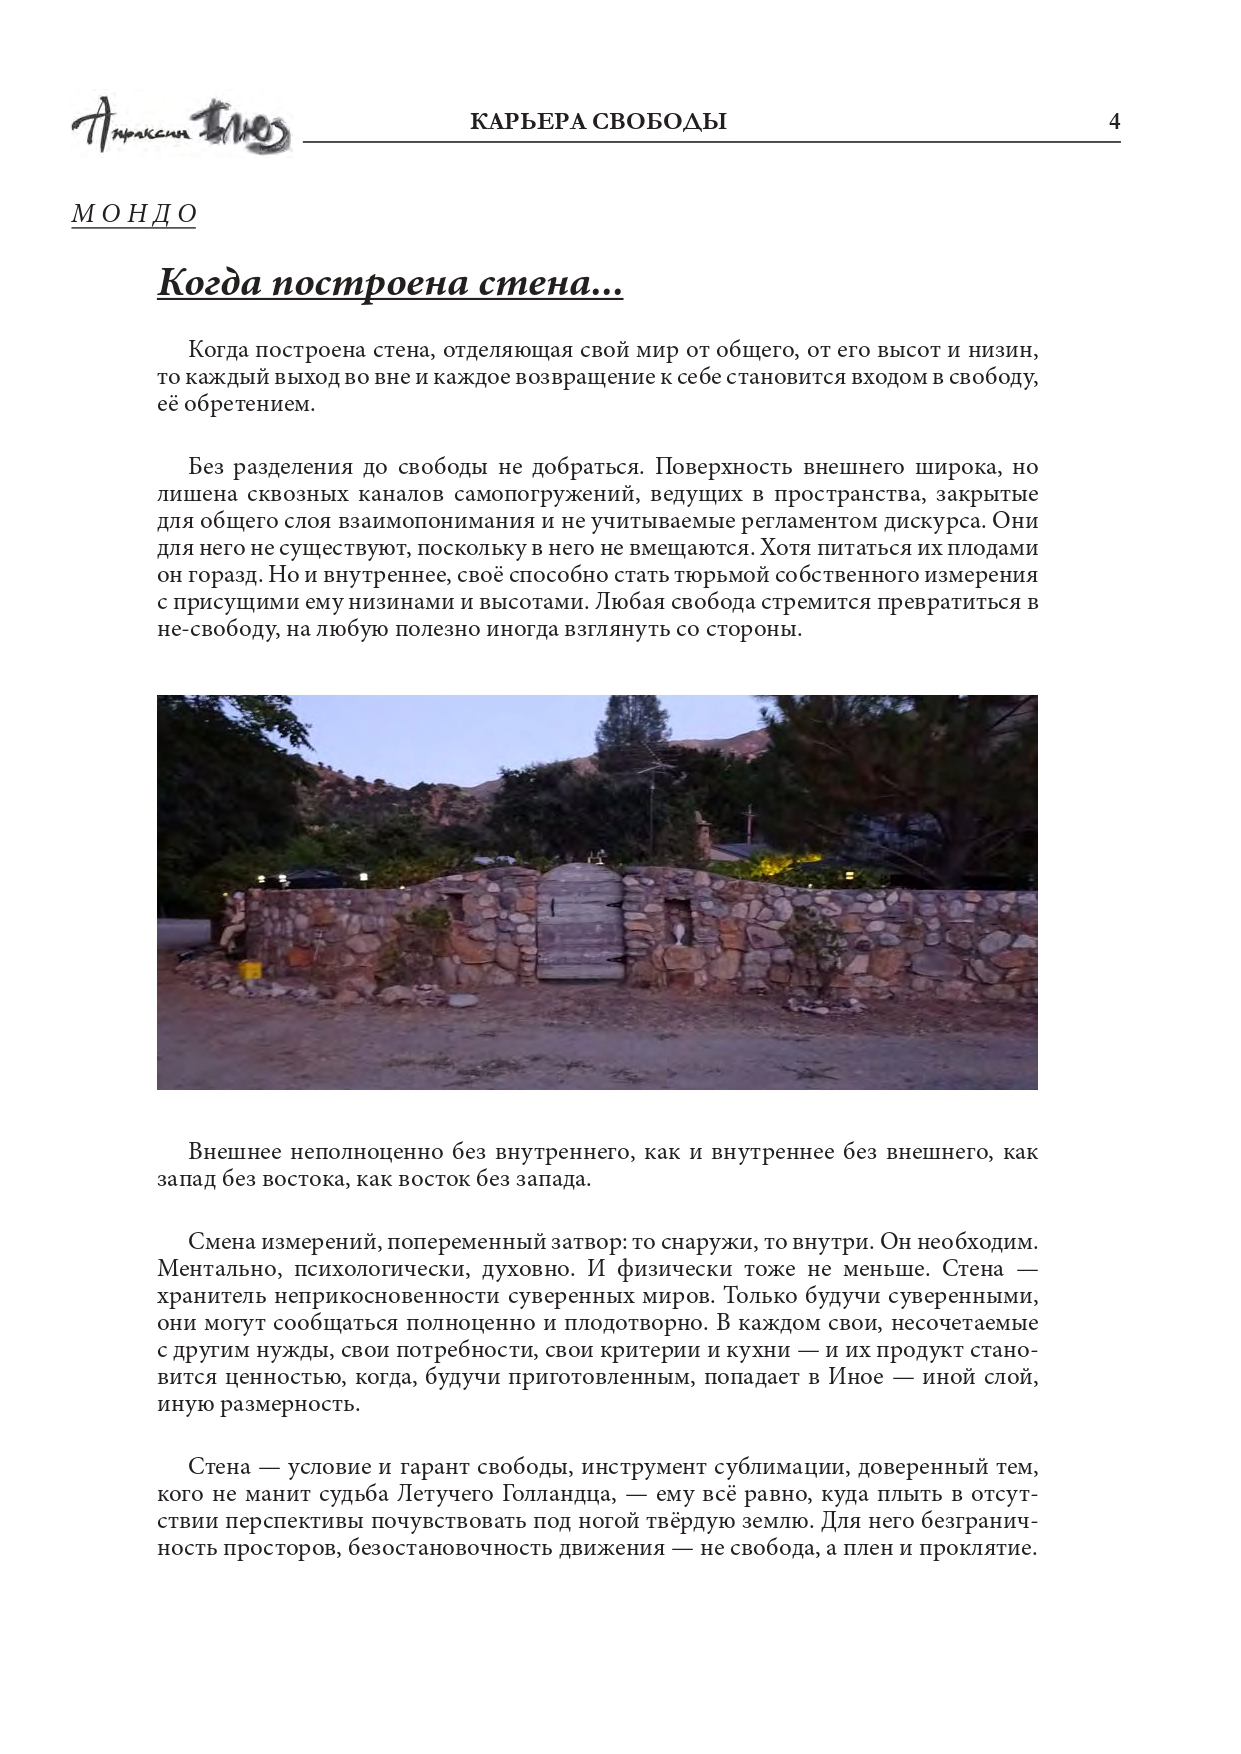 http://forumstatic.ru/files/001a/7d/26/10409.jpg